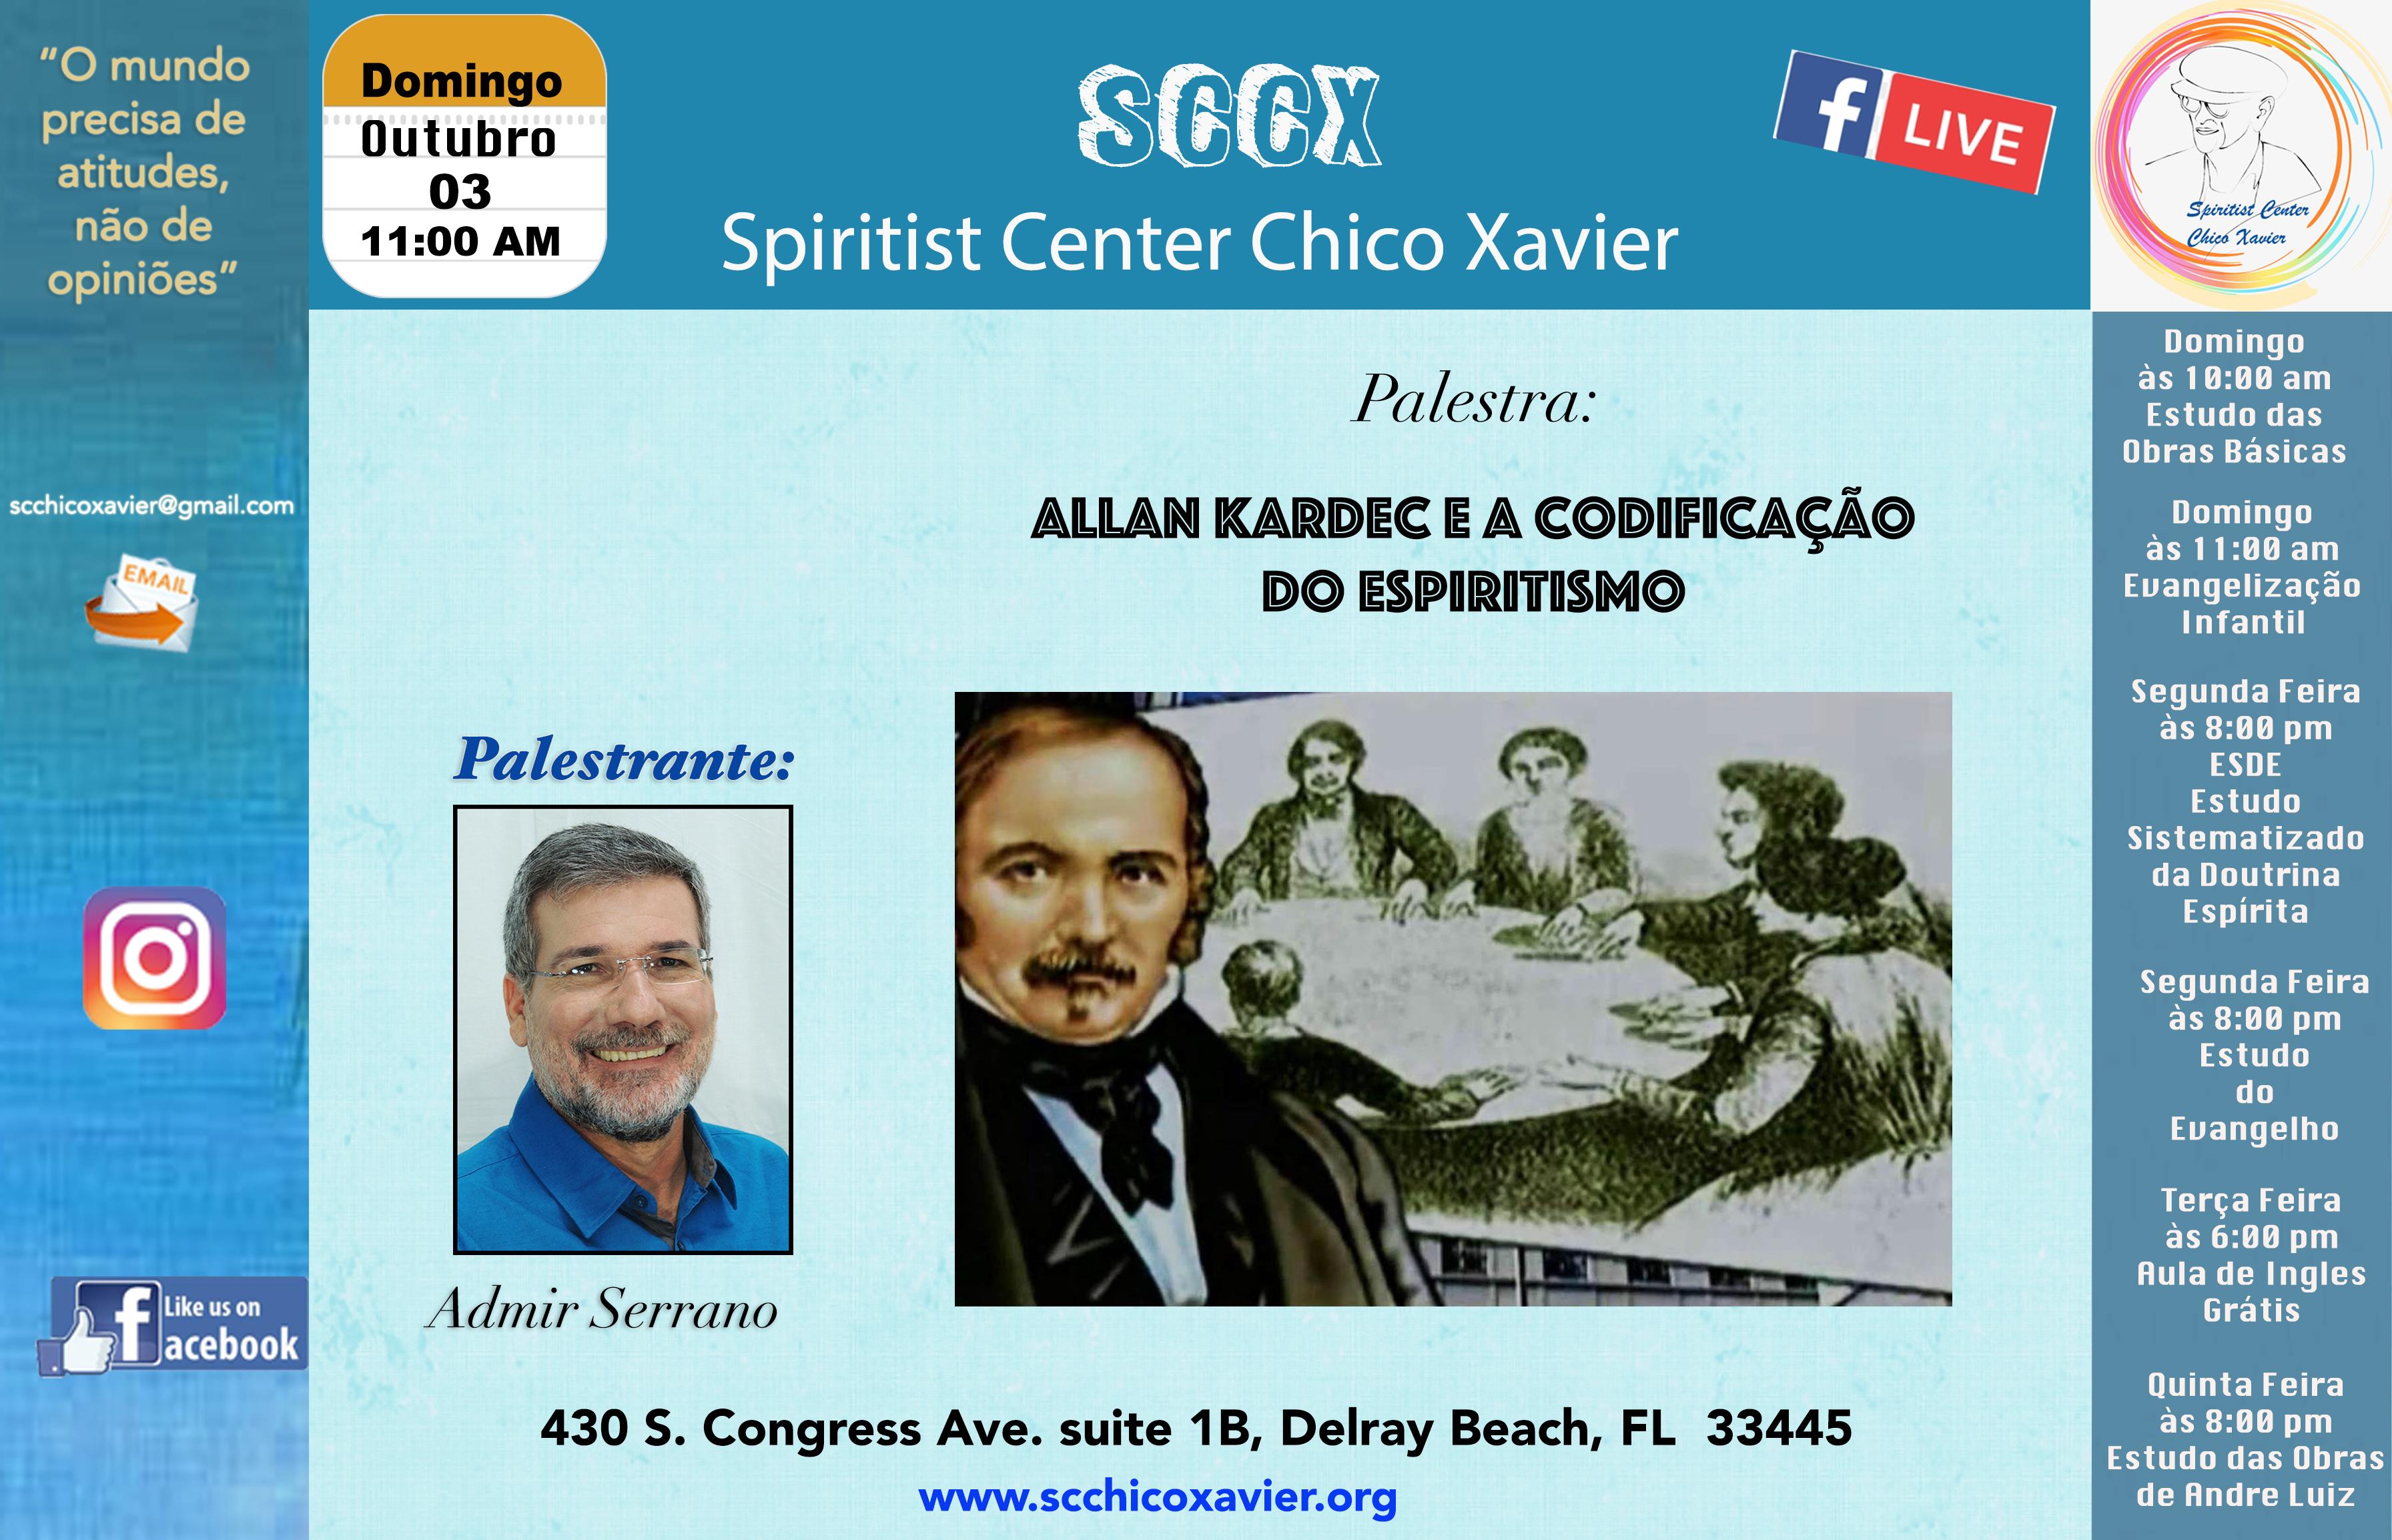 Admir Serrano - Allan Kardec e a codificação do espiritismo